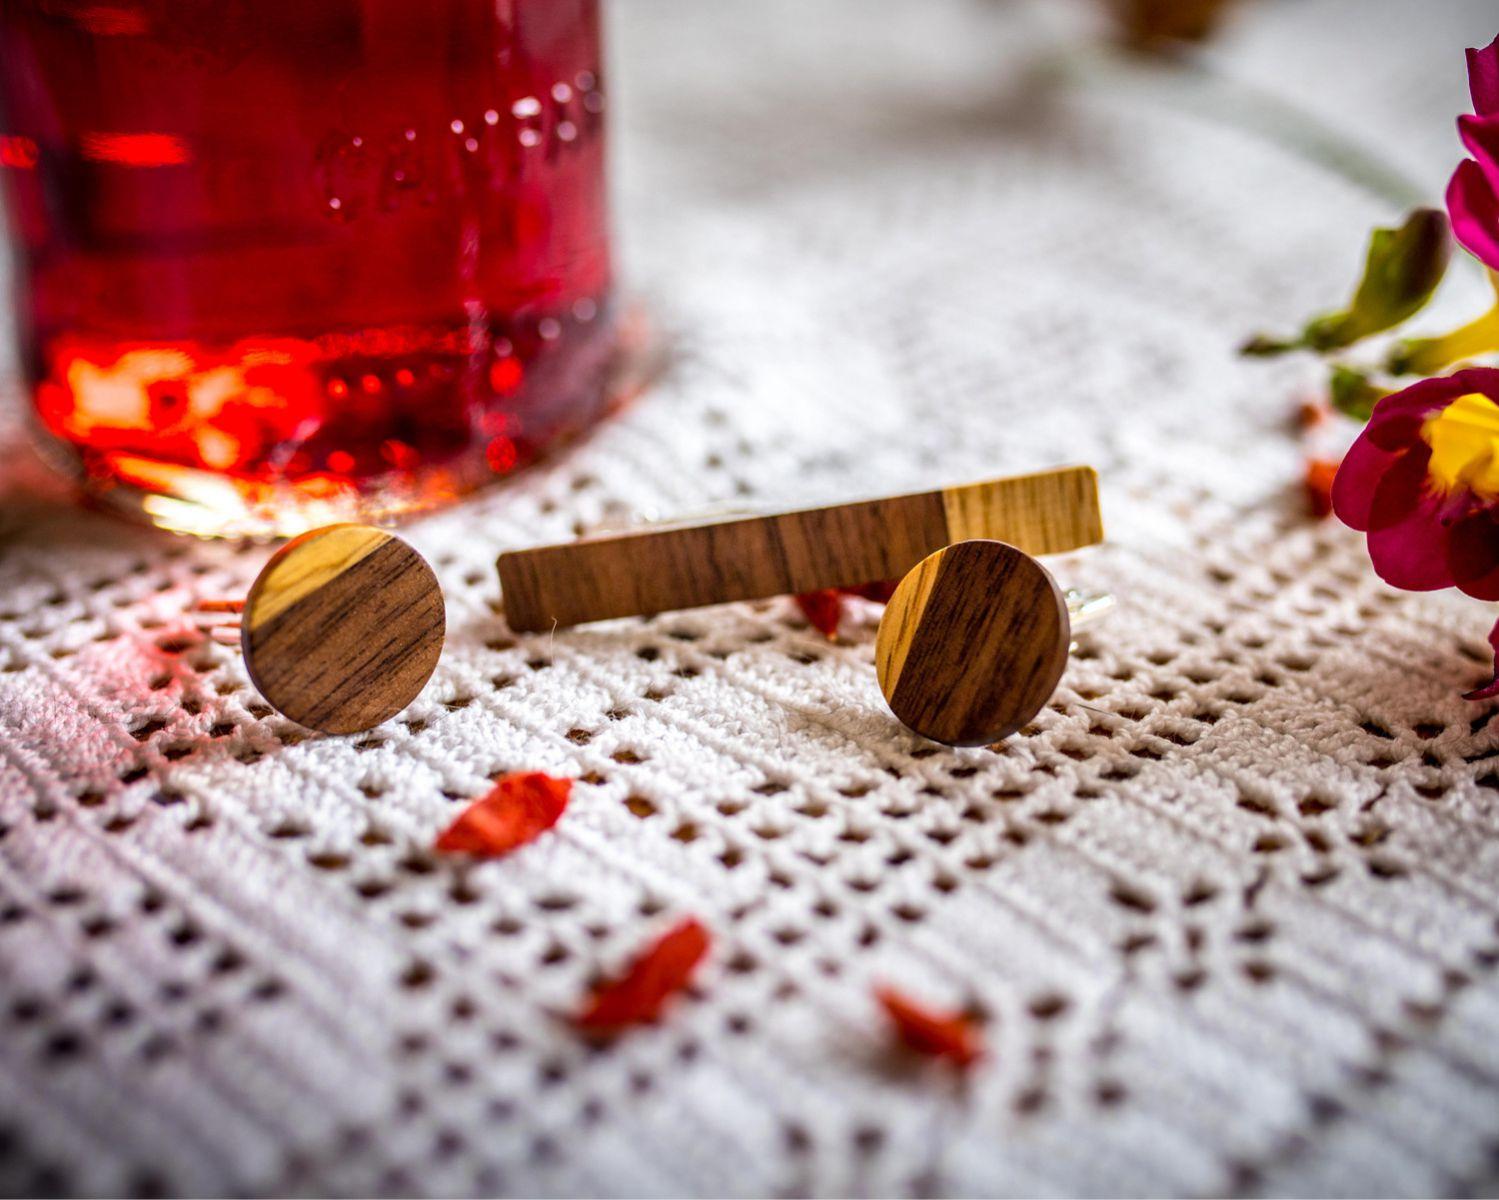 Χειροποίητα μανικετόκουμπα και clips γραβάτας dion&felle, φτιαγμένα από συνδυασμό φυσικών ξύλων.